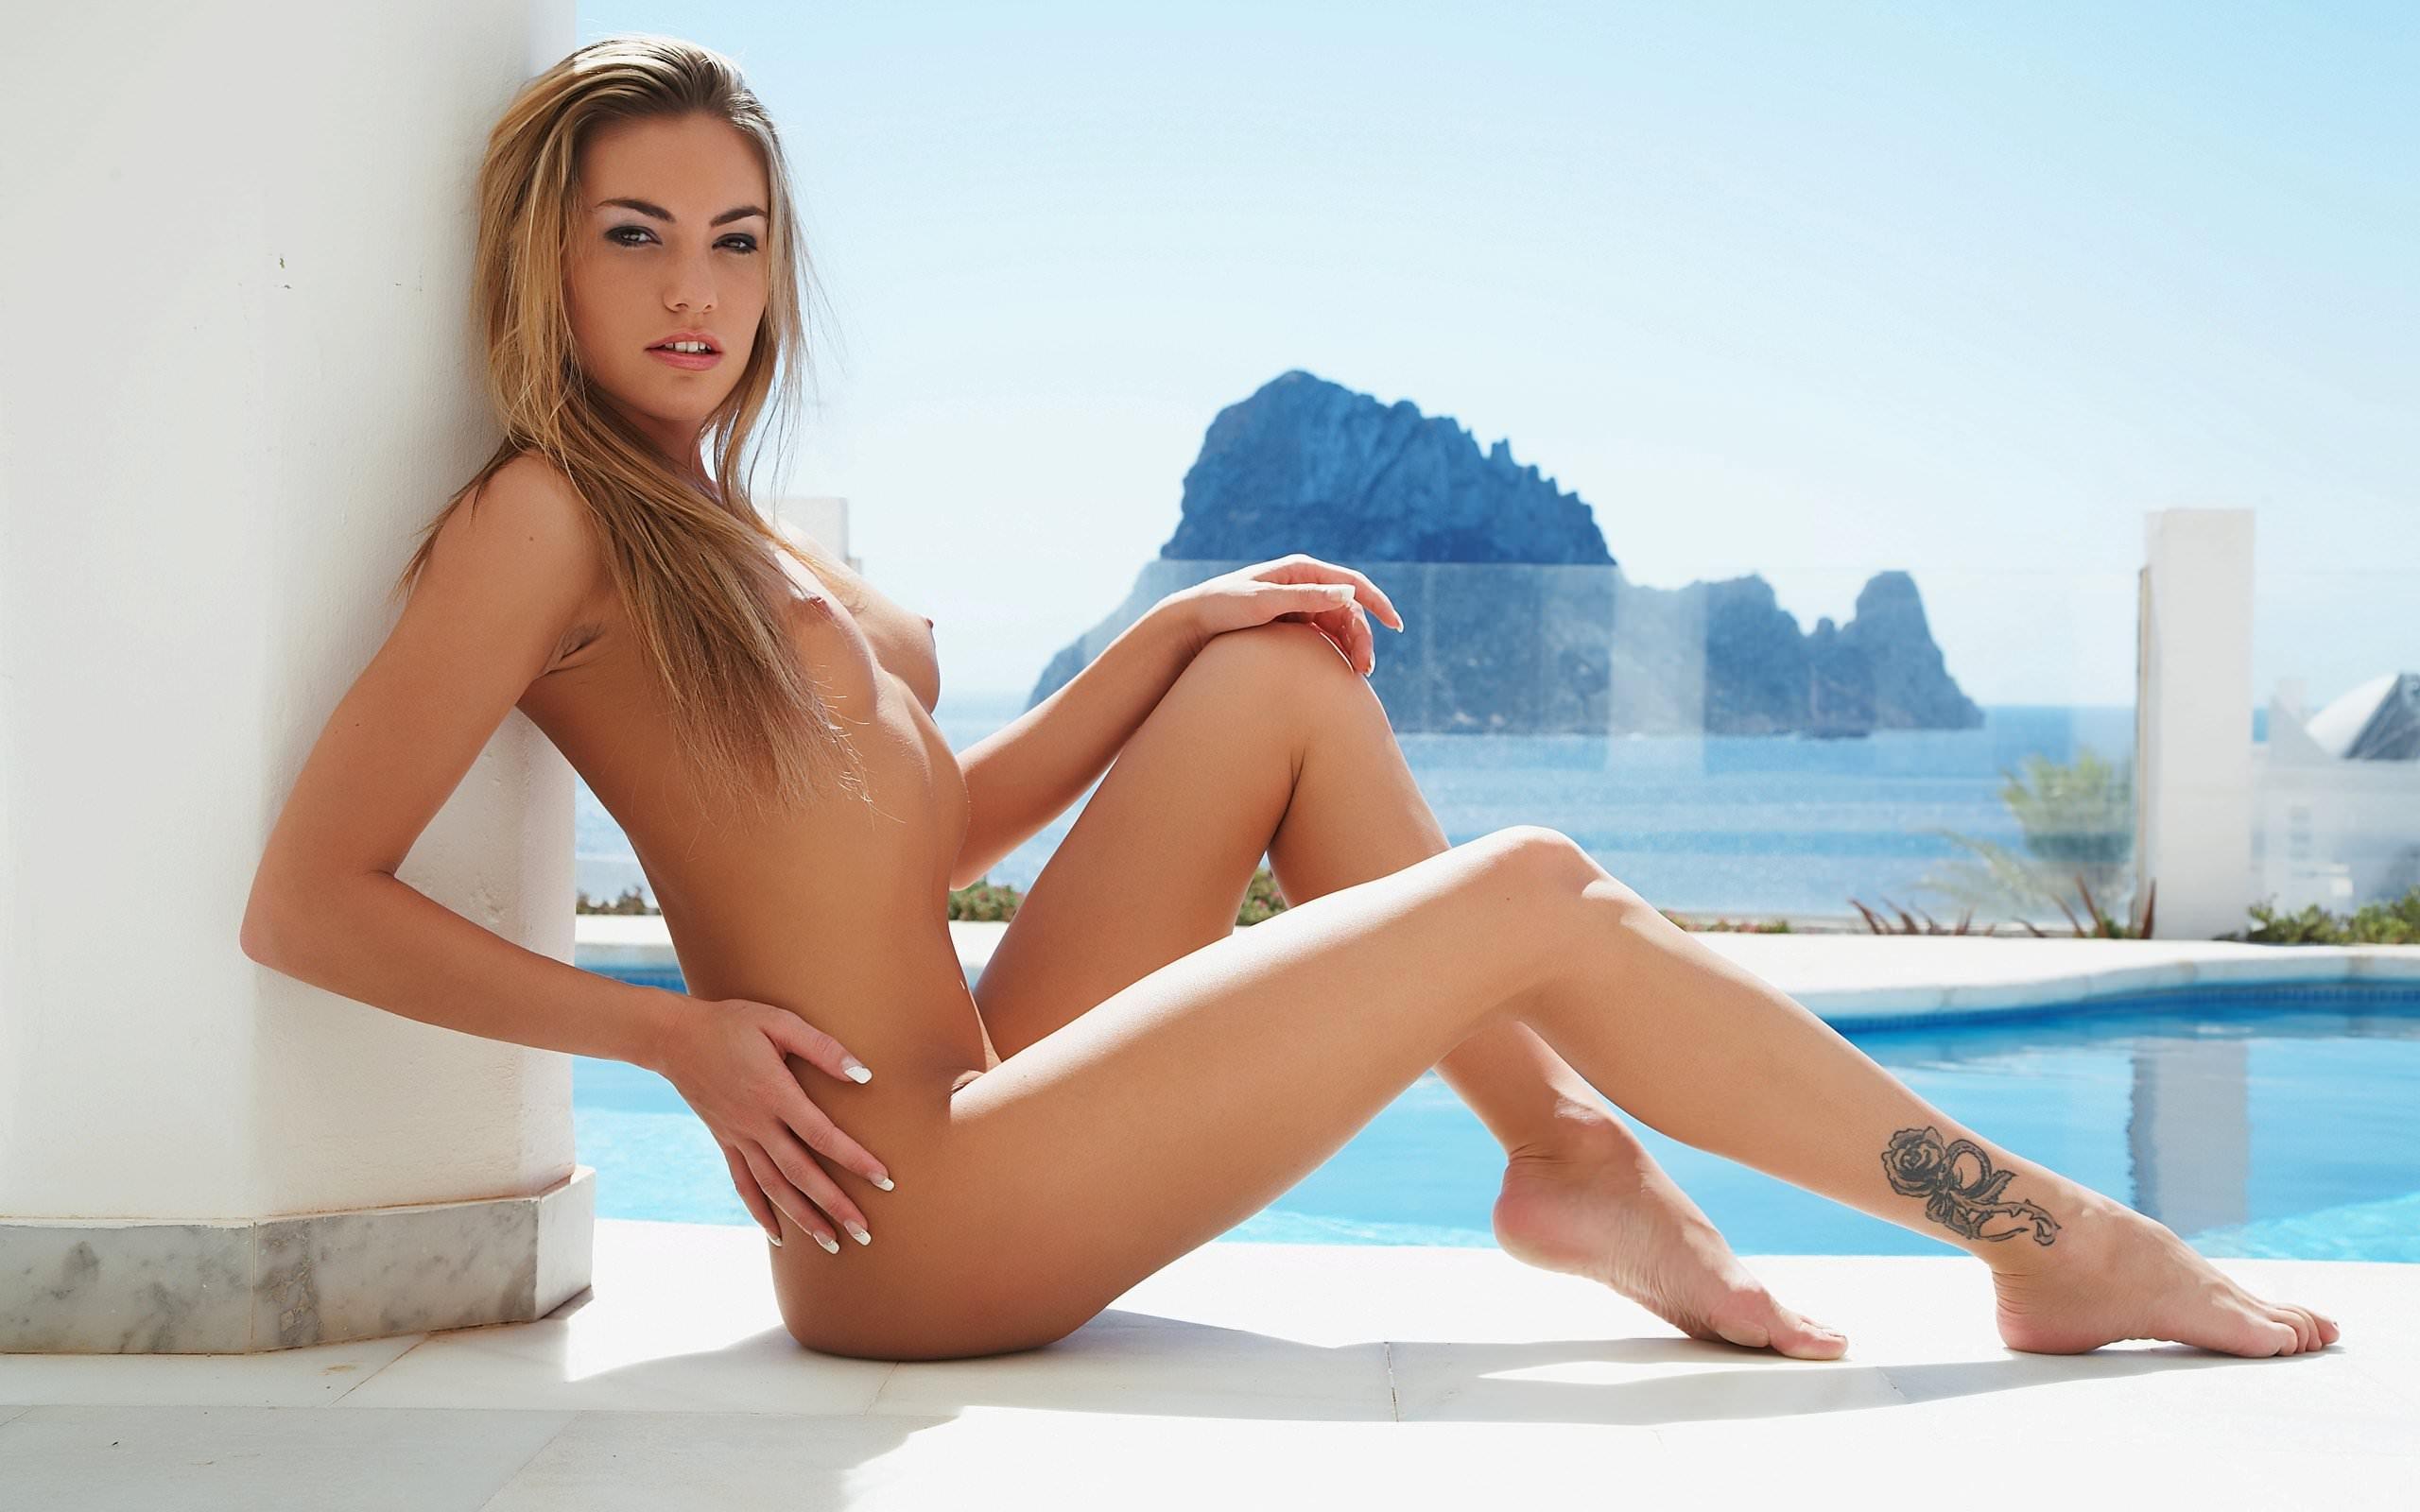 Фото Летняя эротика, голая девушка с тату на ноге, маленькая грудь, длинные ножки, бассейн. Naked girl, poolside, tattoo on the leg, sexy legs, sunlight, blue sky, summer erotic, скачать картинку бесплатно